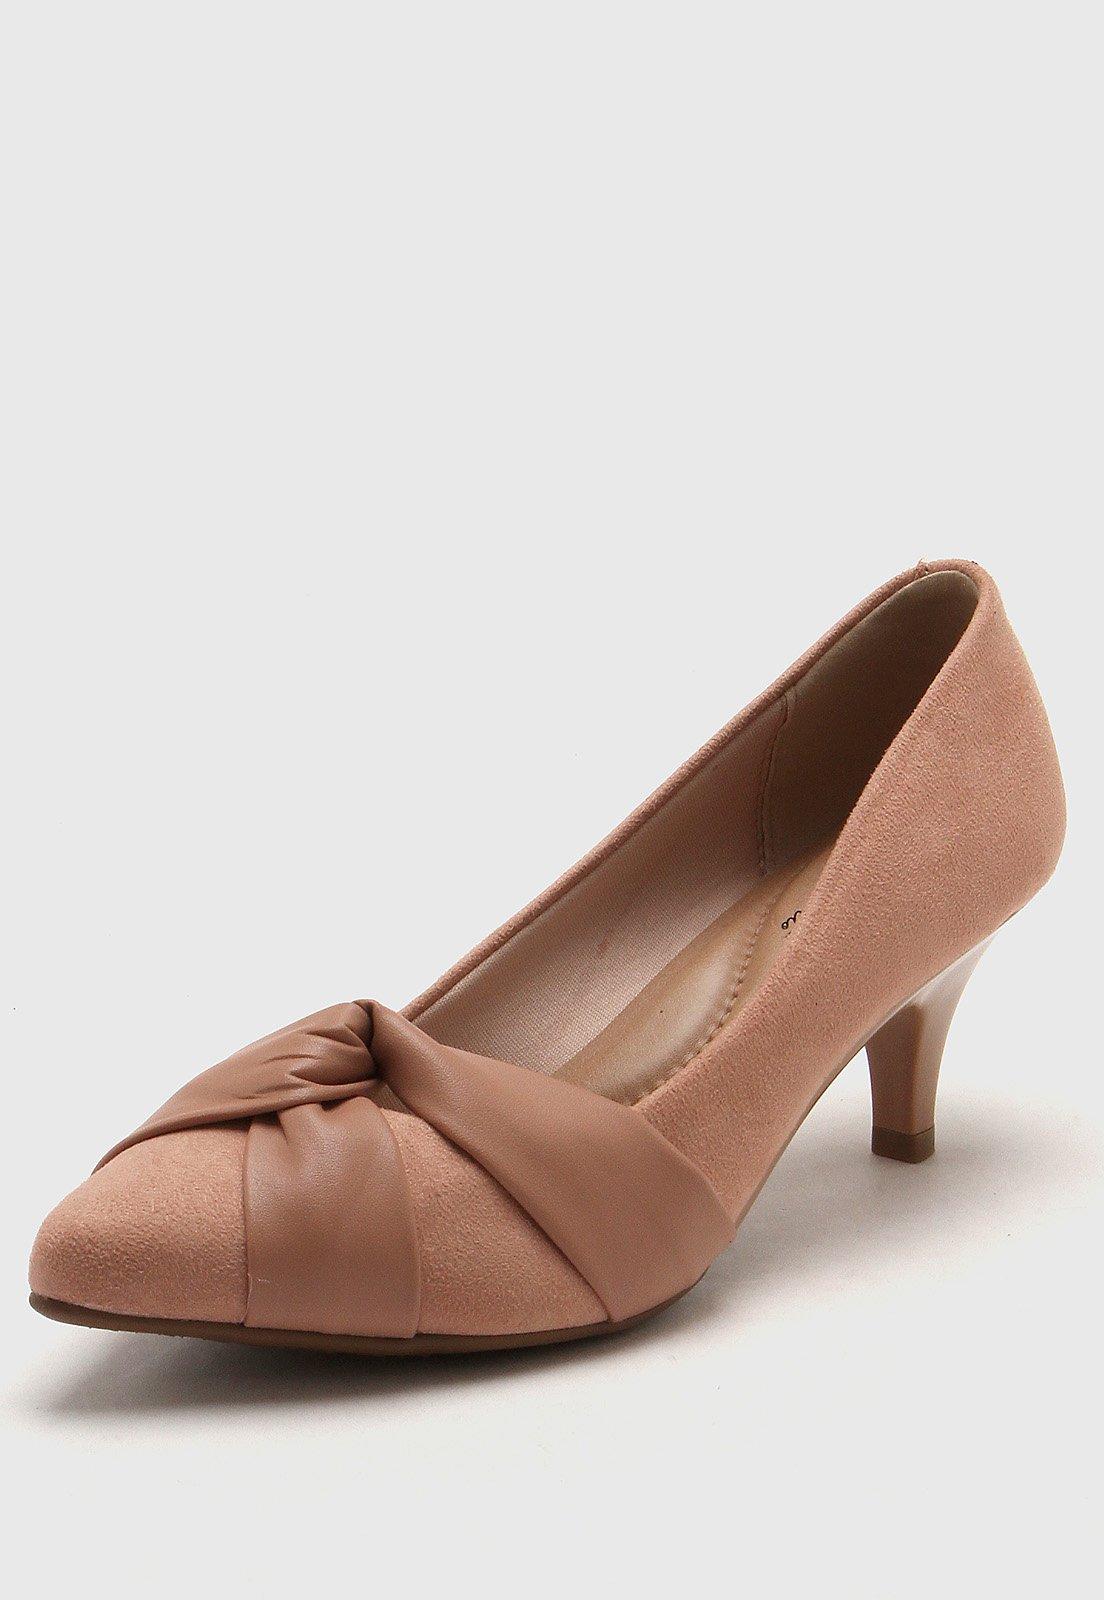 Zapato Nude Beira Rio